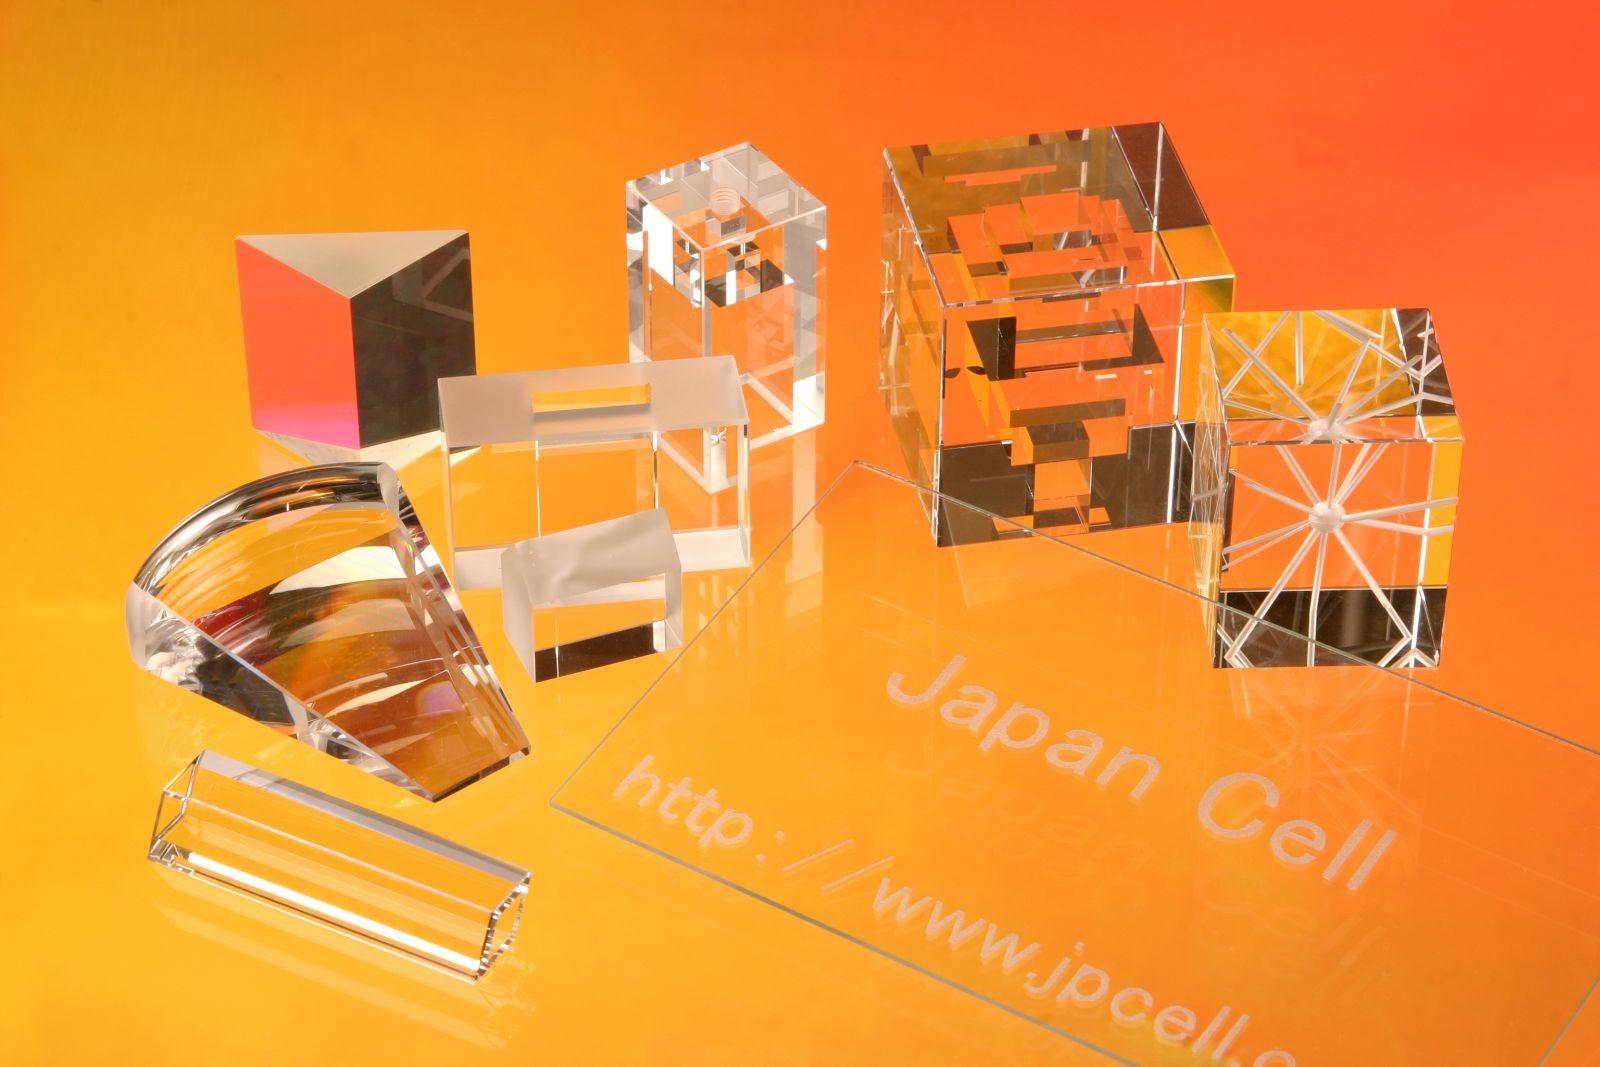 ガラス加工部品製造工場 S.P.E.C.株式会社 のアルバイト情報